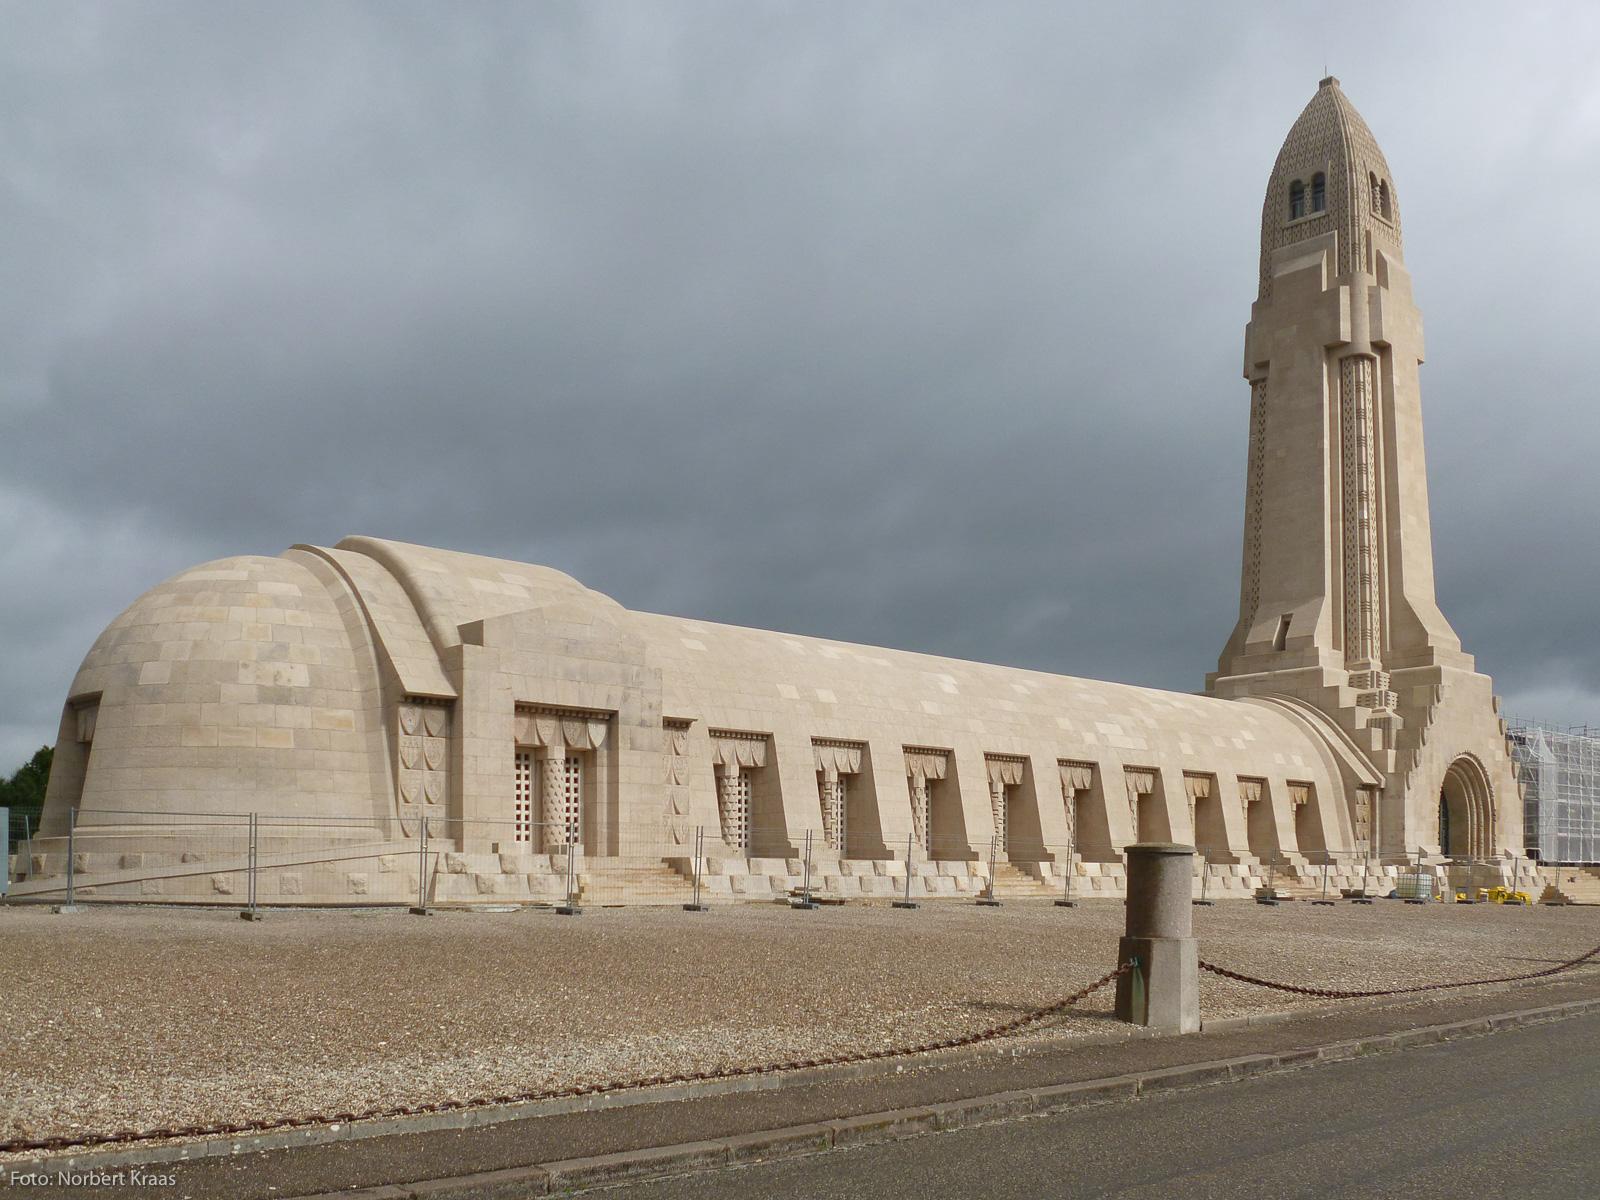 """Kurt Oesterle: """"Der steinerne Turm ist einer Granate nachgebildet [...]"""". Beinhaus von Douaumont bei Verdun. Foto: Norbert Kraas"""